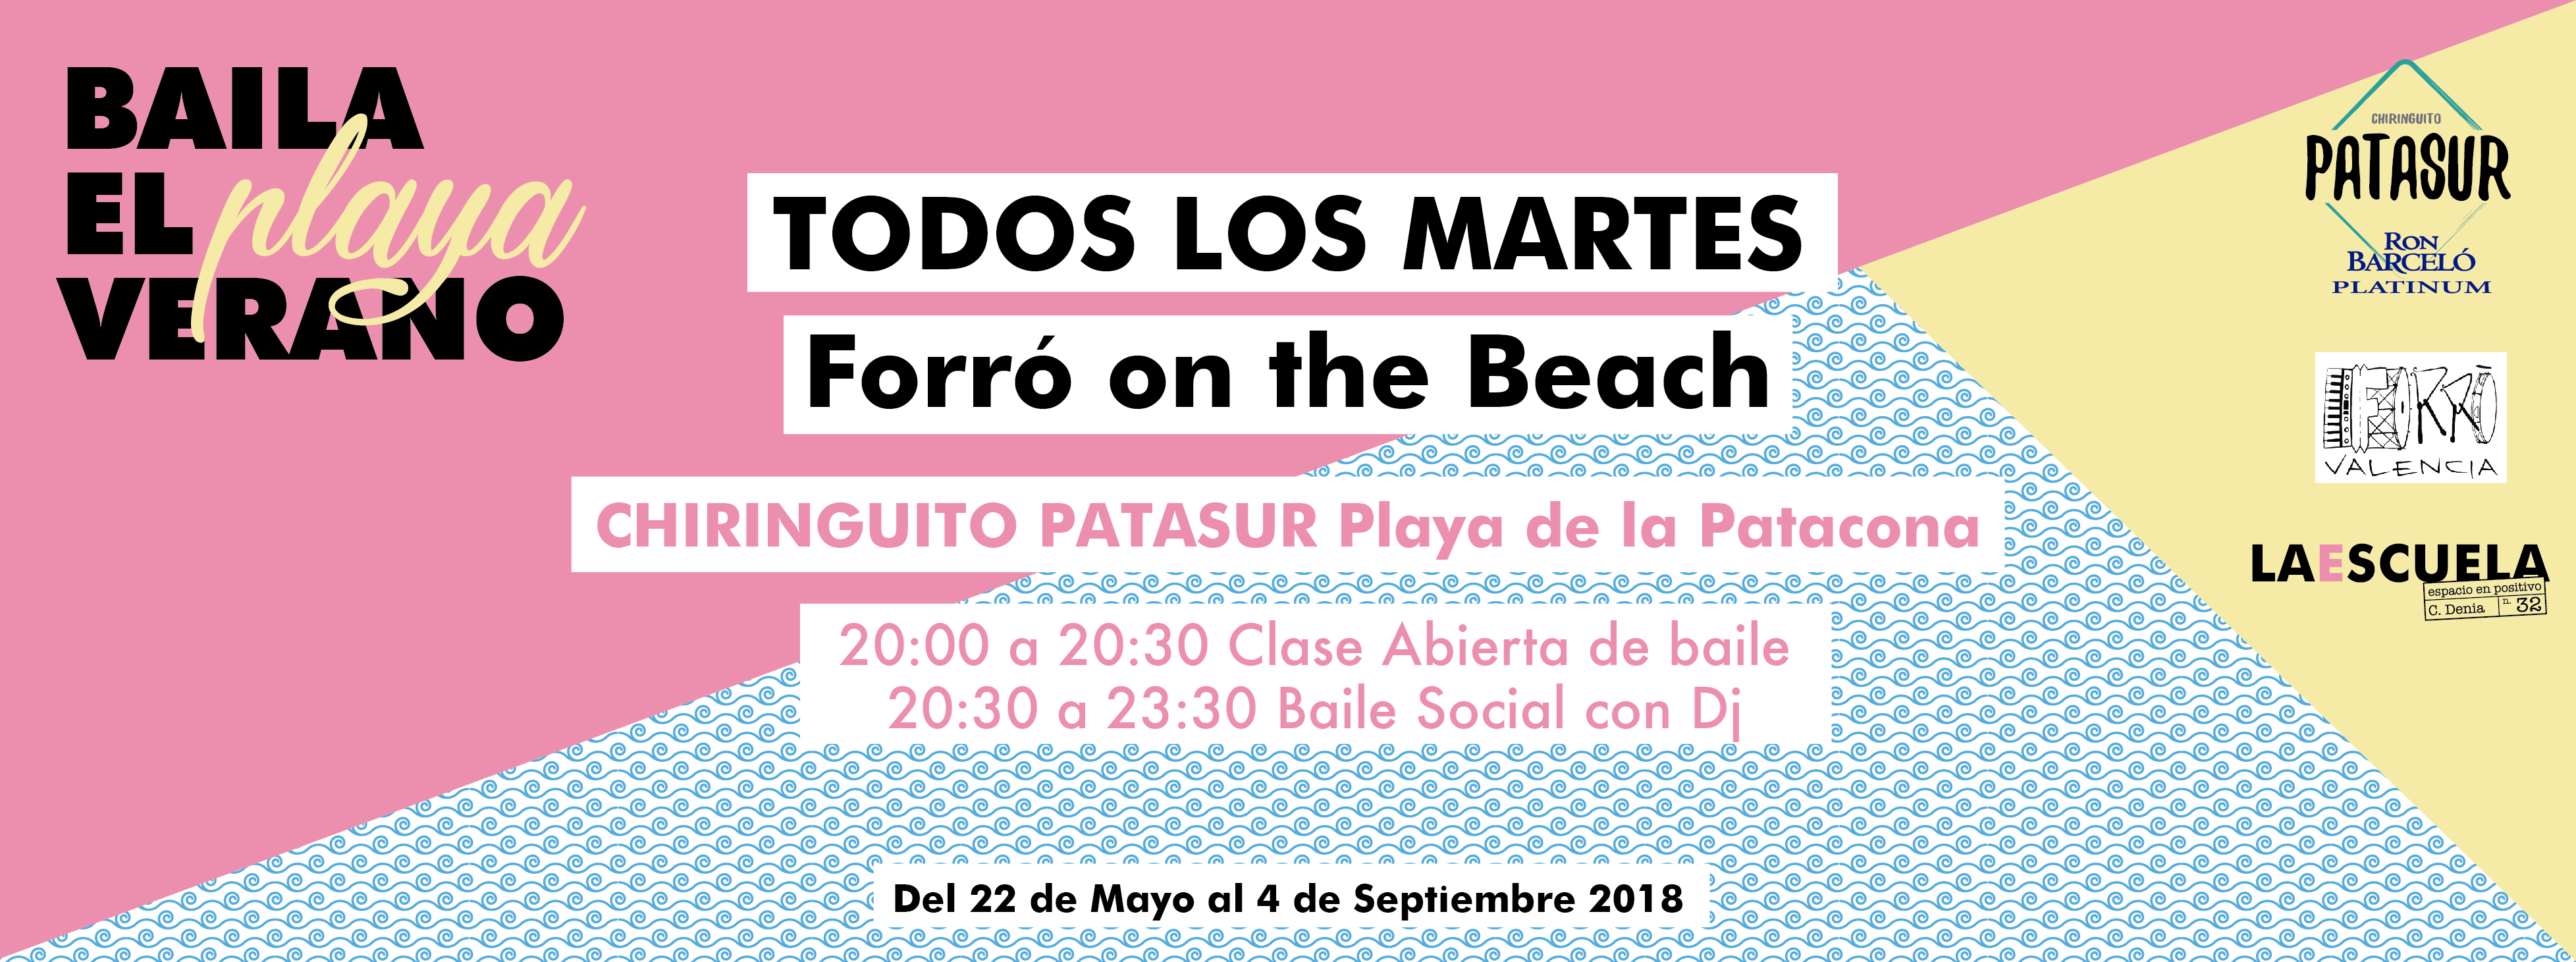 clases forro playa valencia